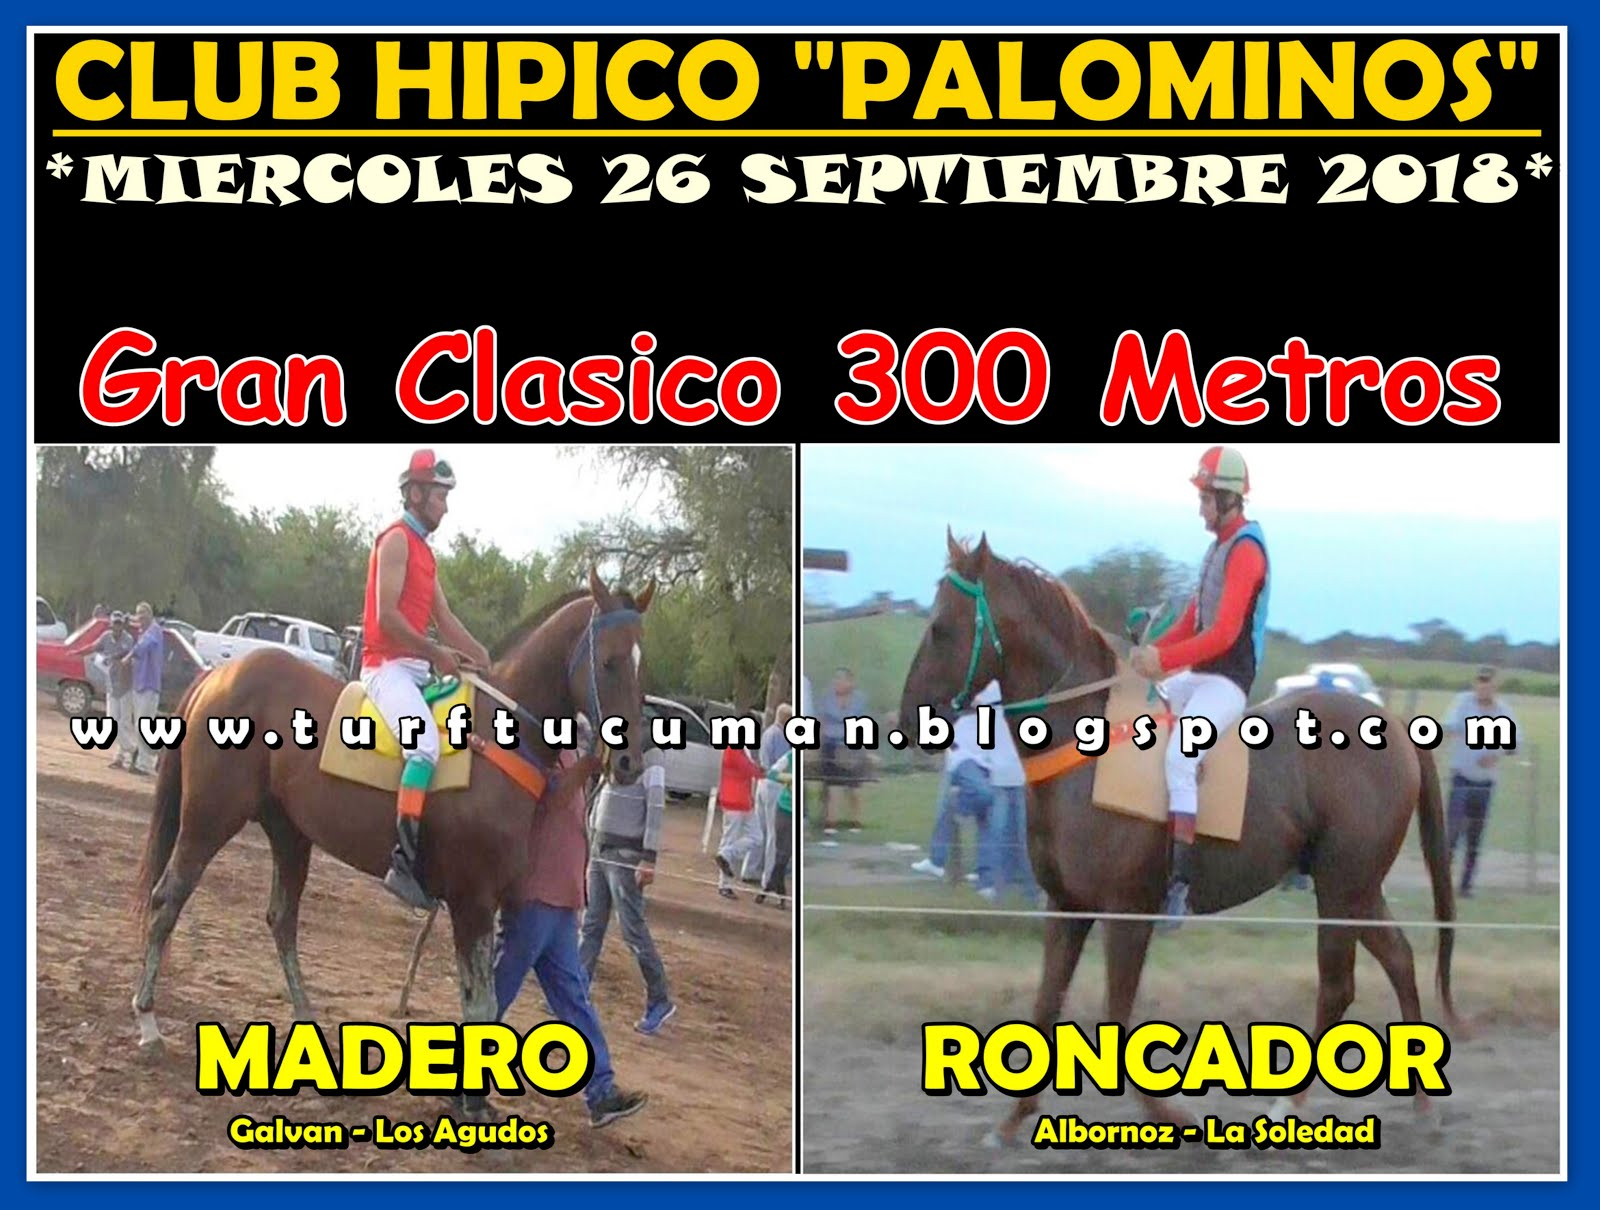 MADERO VS RONCADOR